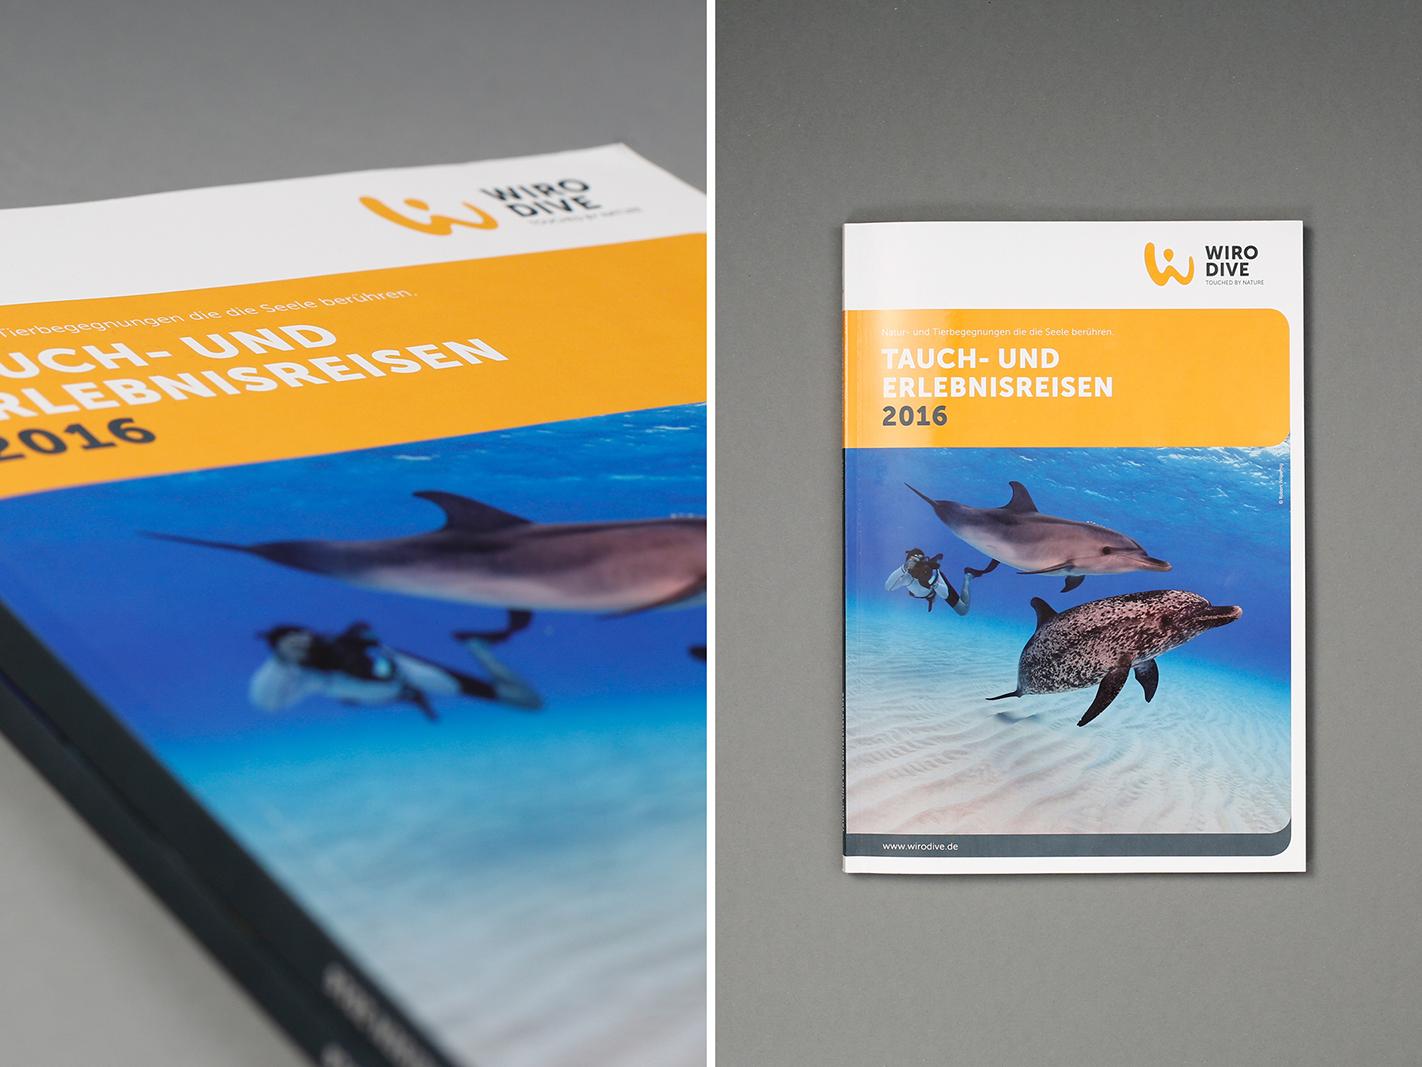 ATK-WIRO-DIVE-Tauchen-Reisen-Katalog-Editorial-Design-102.jpg